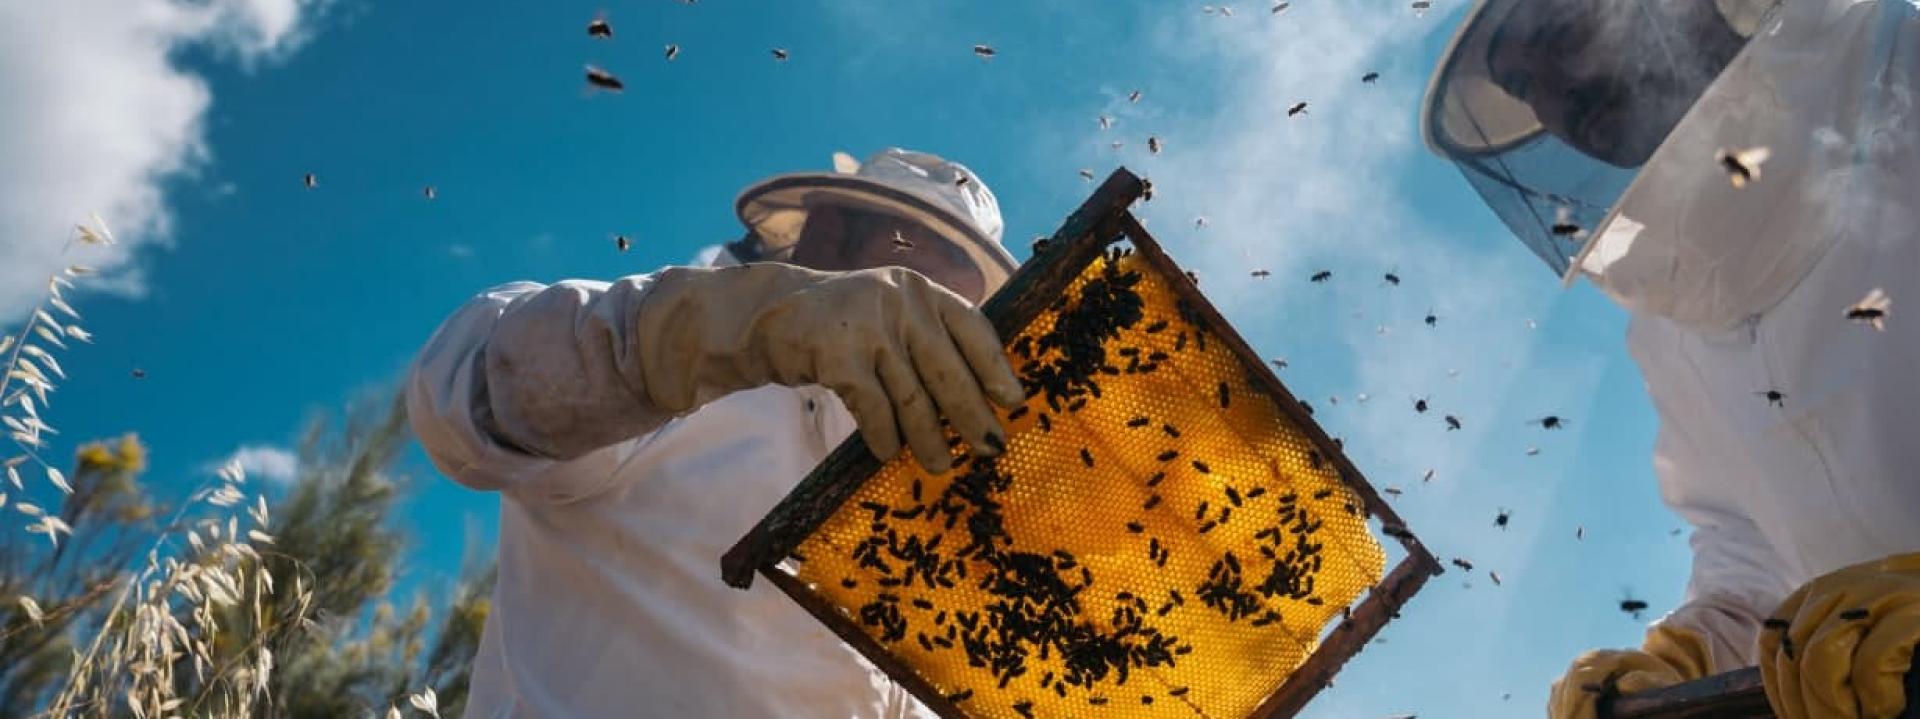 Чем обернётся пчеловодству принятие новых законов? Обзор проектов от депутатов «Батькивщины», «Доверия», «Слуги народа»